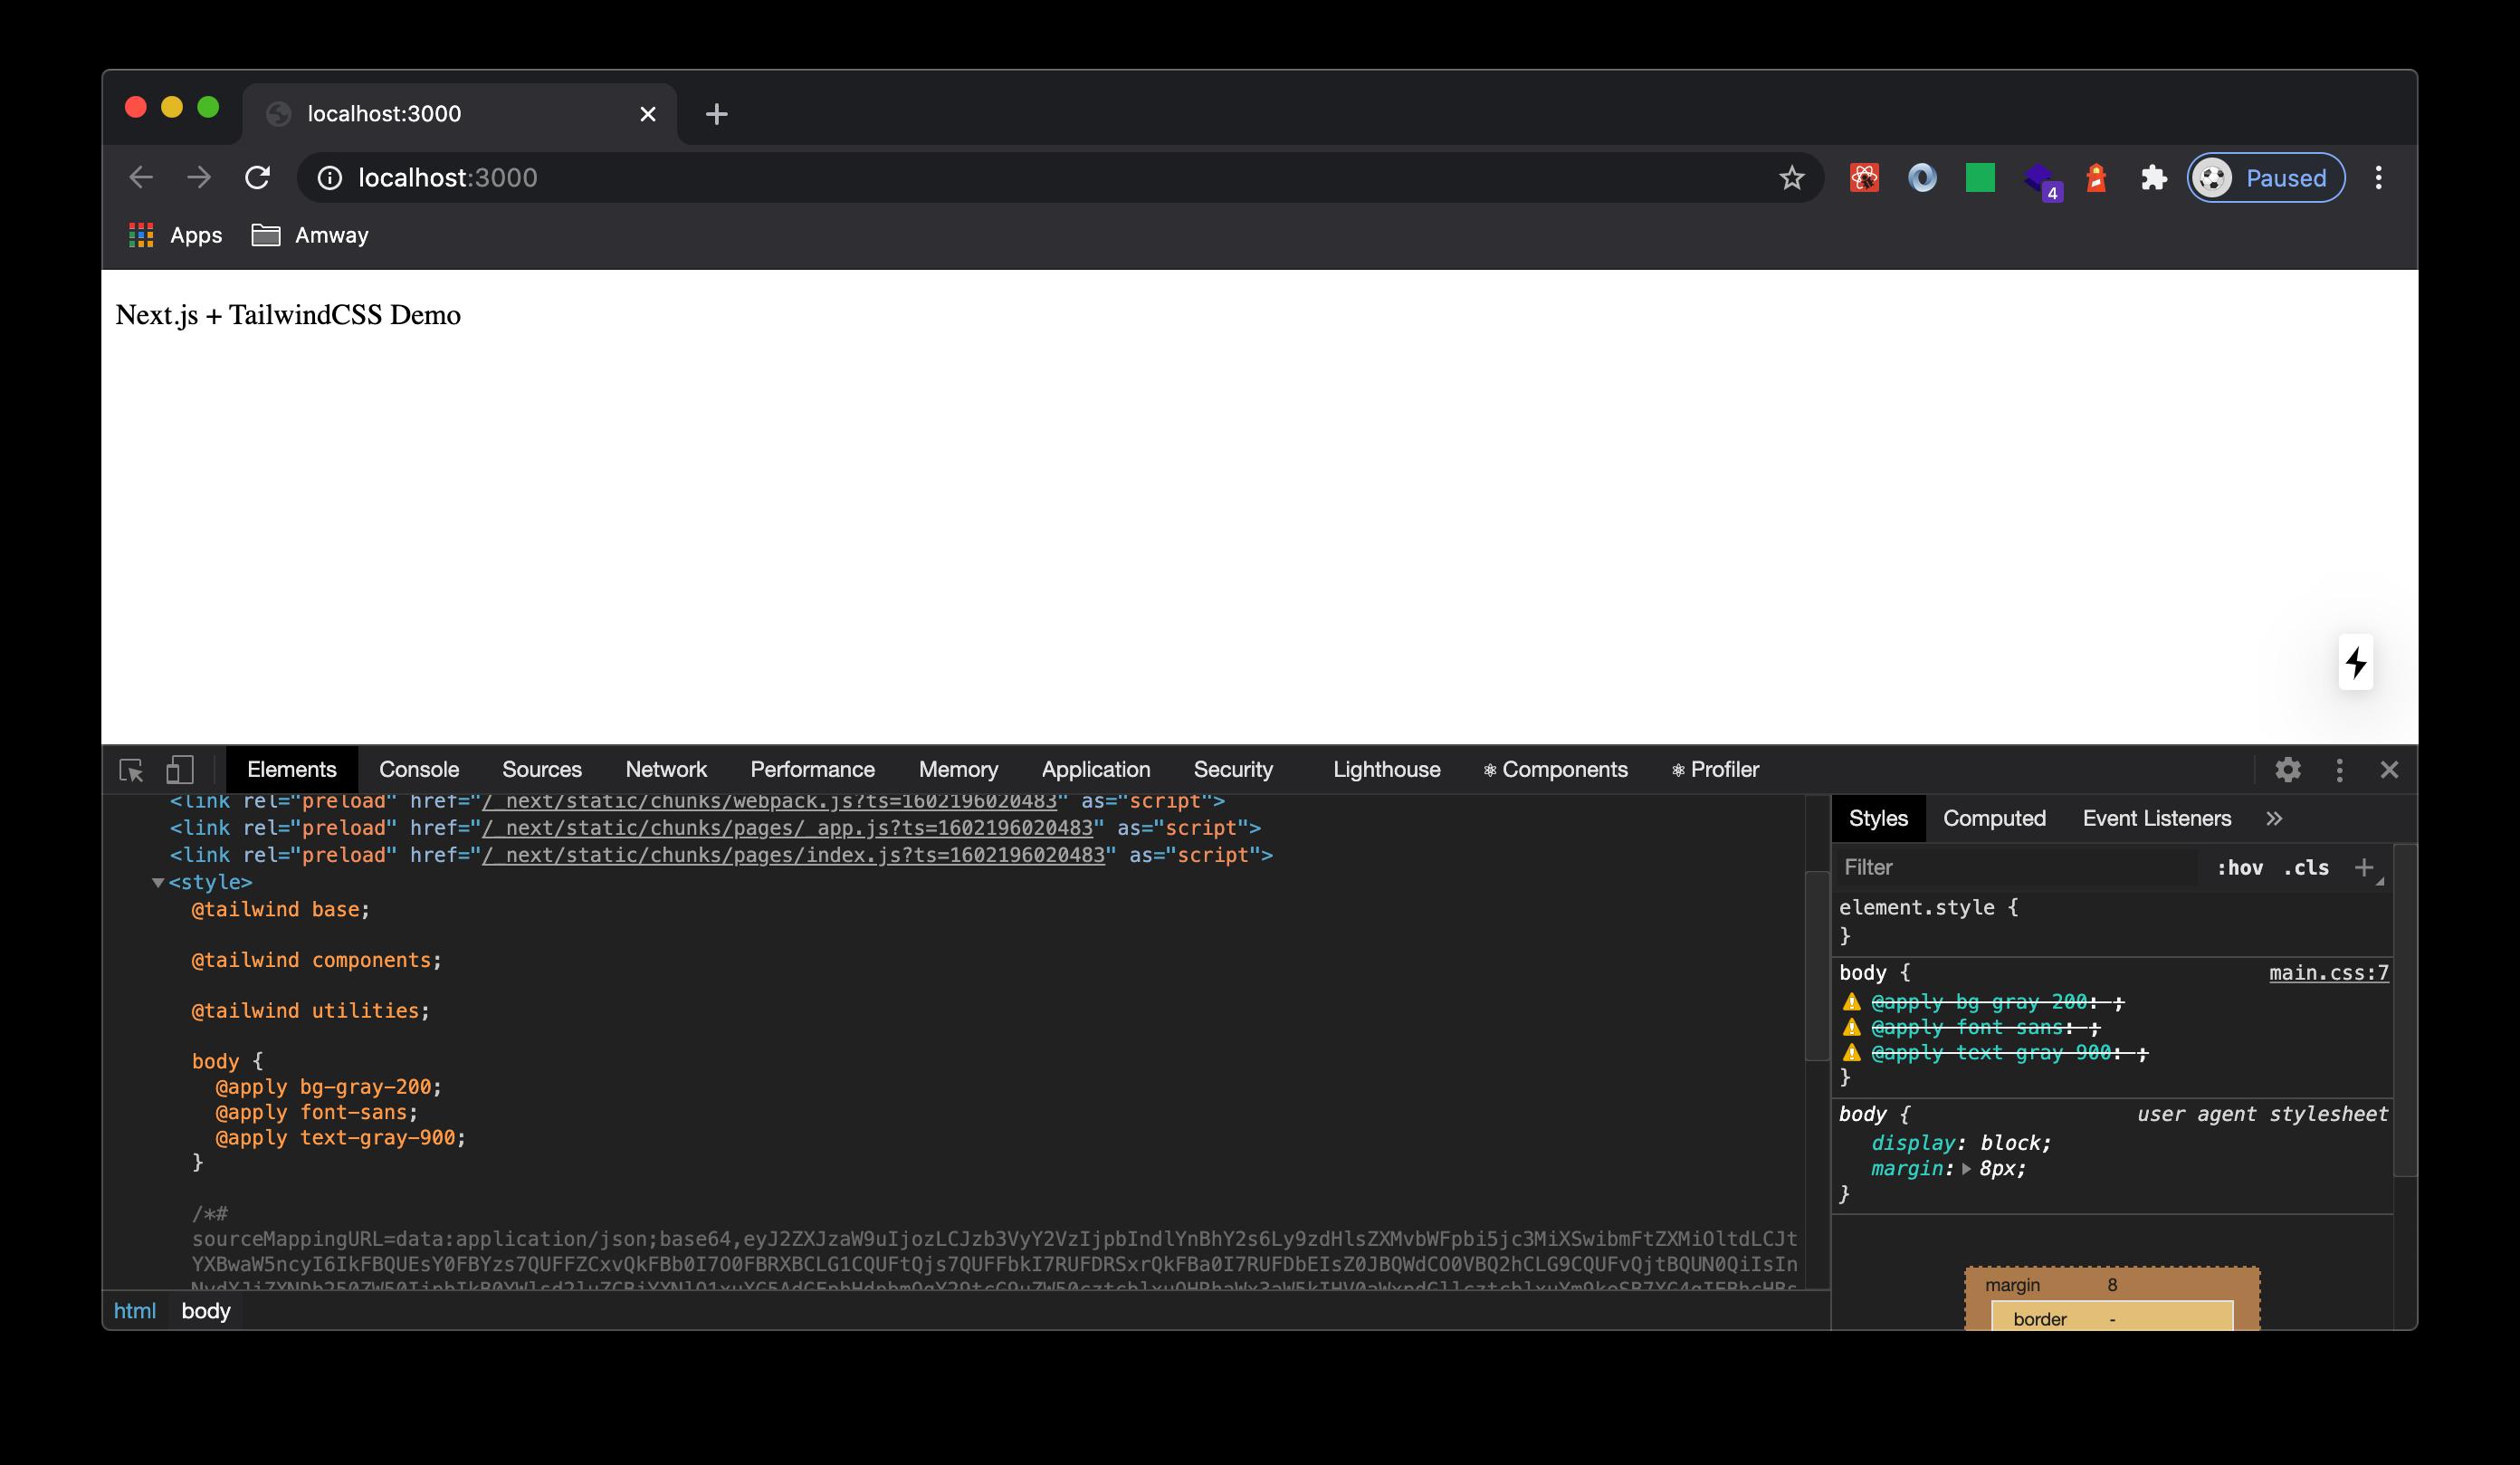 Screenshot 2020-10-08 at 16.31.24